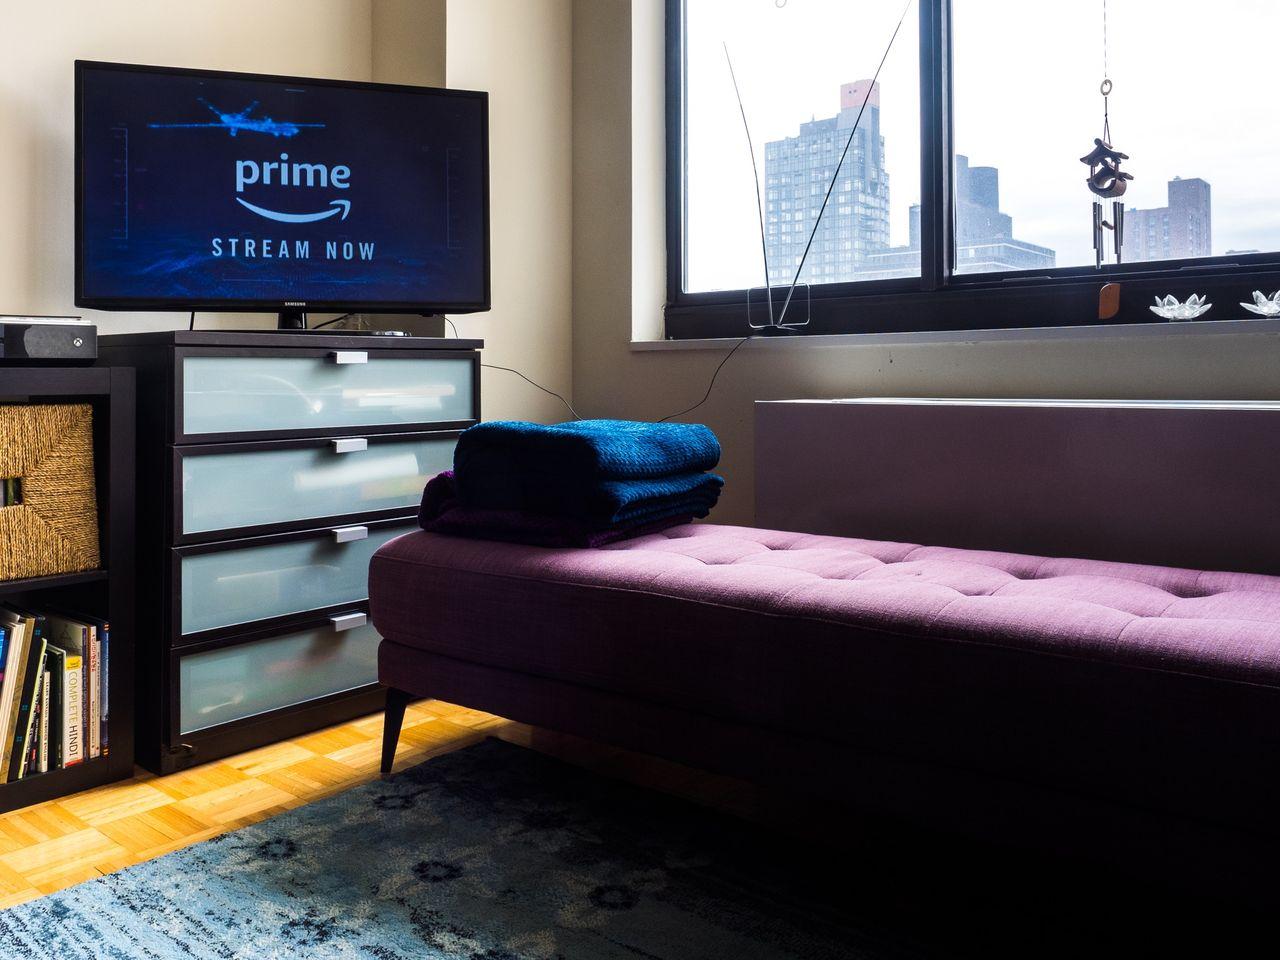 Amazon ryktas börja göra svenska tv-produktioner